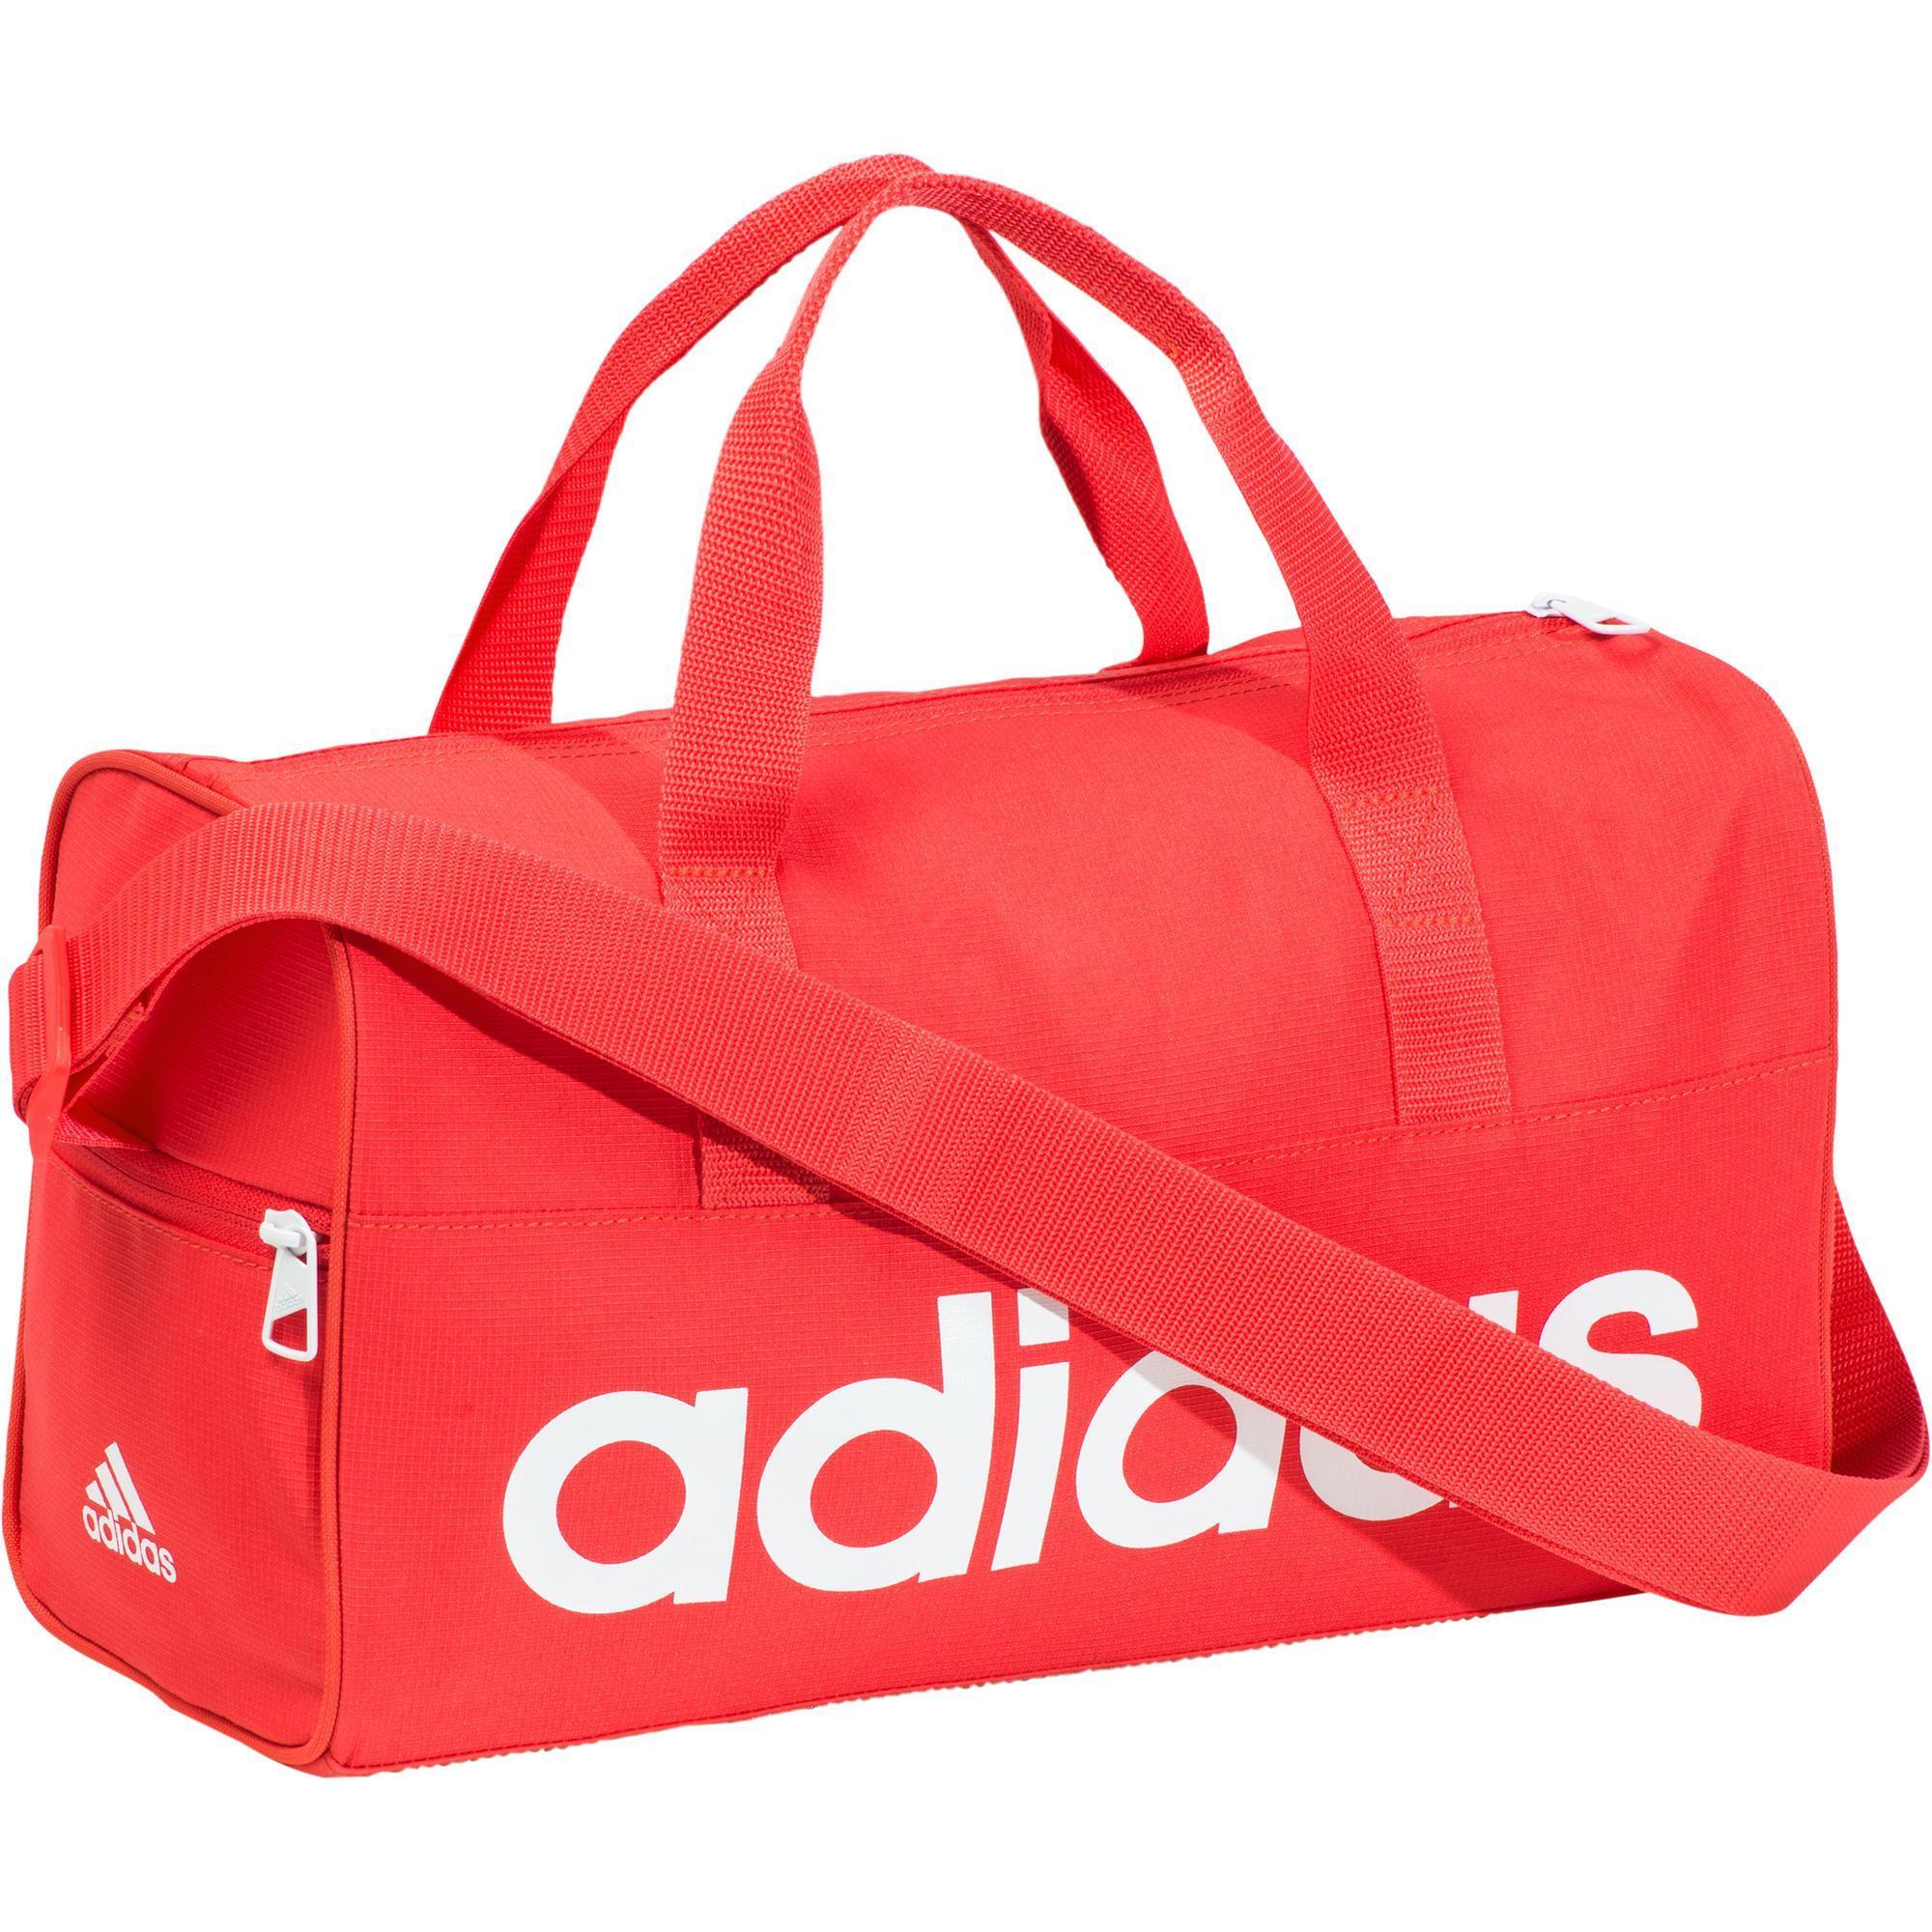 Adidas Fitnesstas Adidas voor kinderen roze en wit